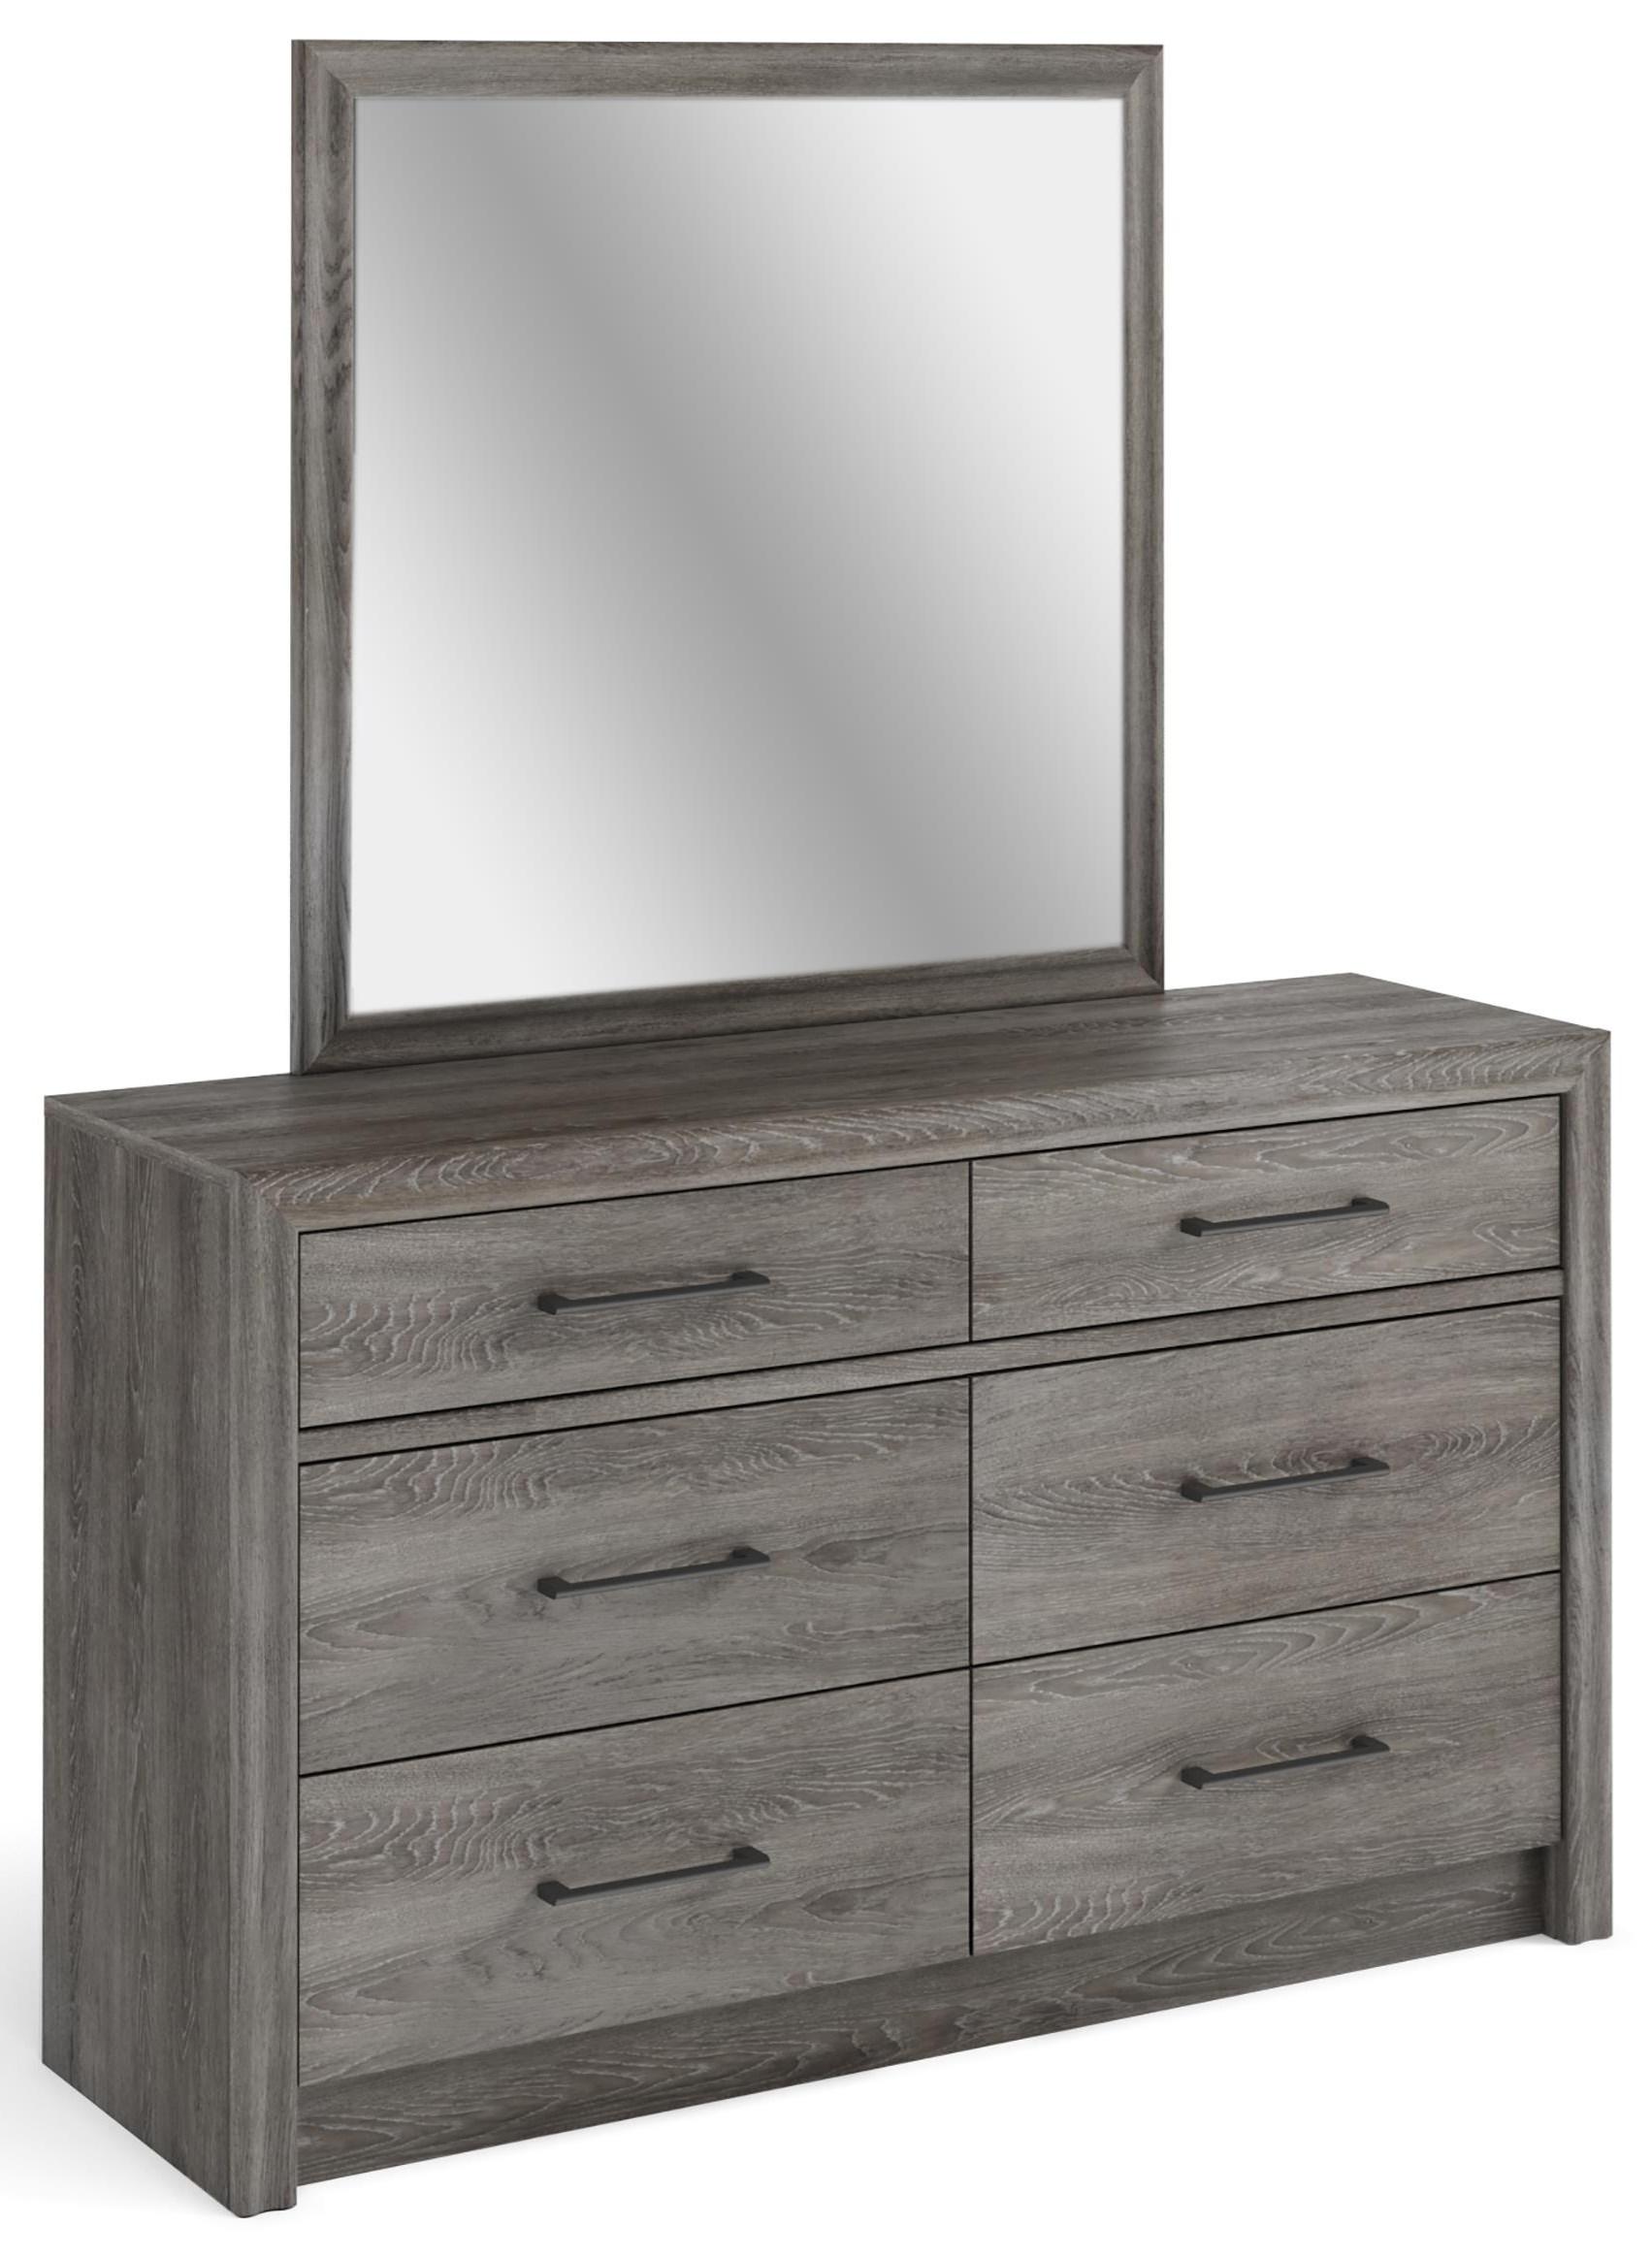 511 Westpoint/dresser 6 Dwr by Defehr at Stoney Creek Furniture